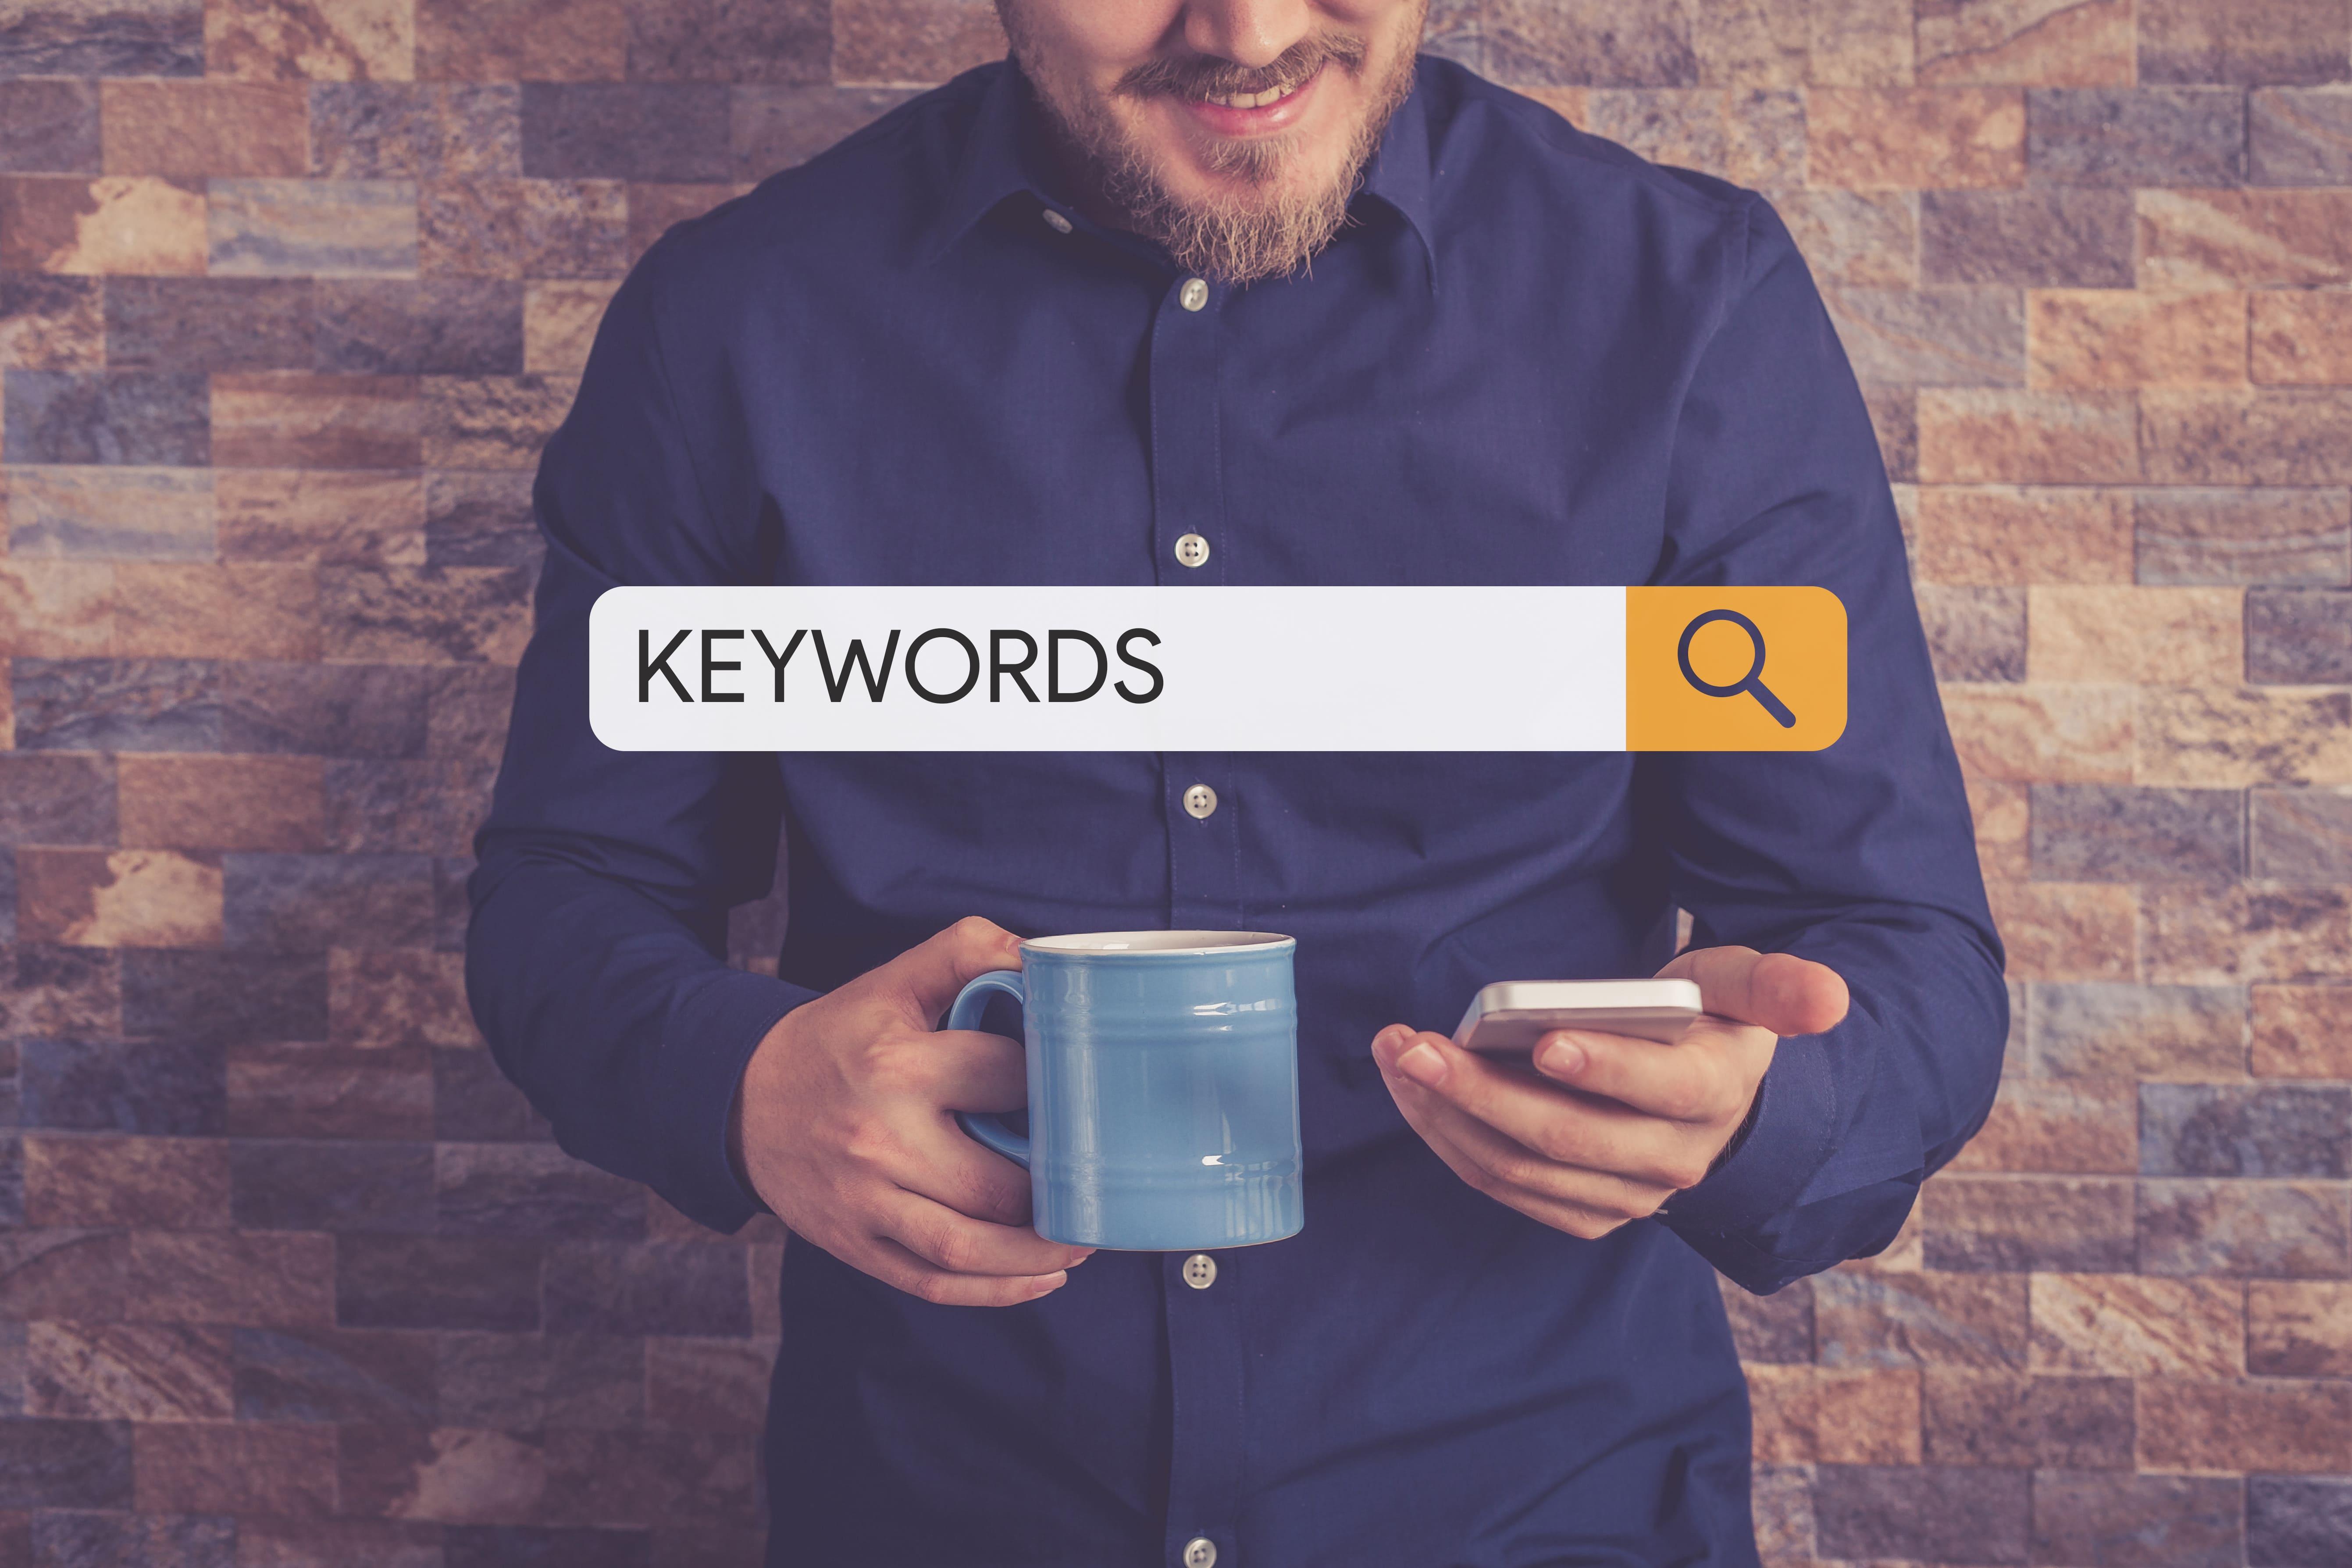 Imagem ilustrativa de uma pessoa pesquisando determinada palavras-chave para esclarecer uma dúvida